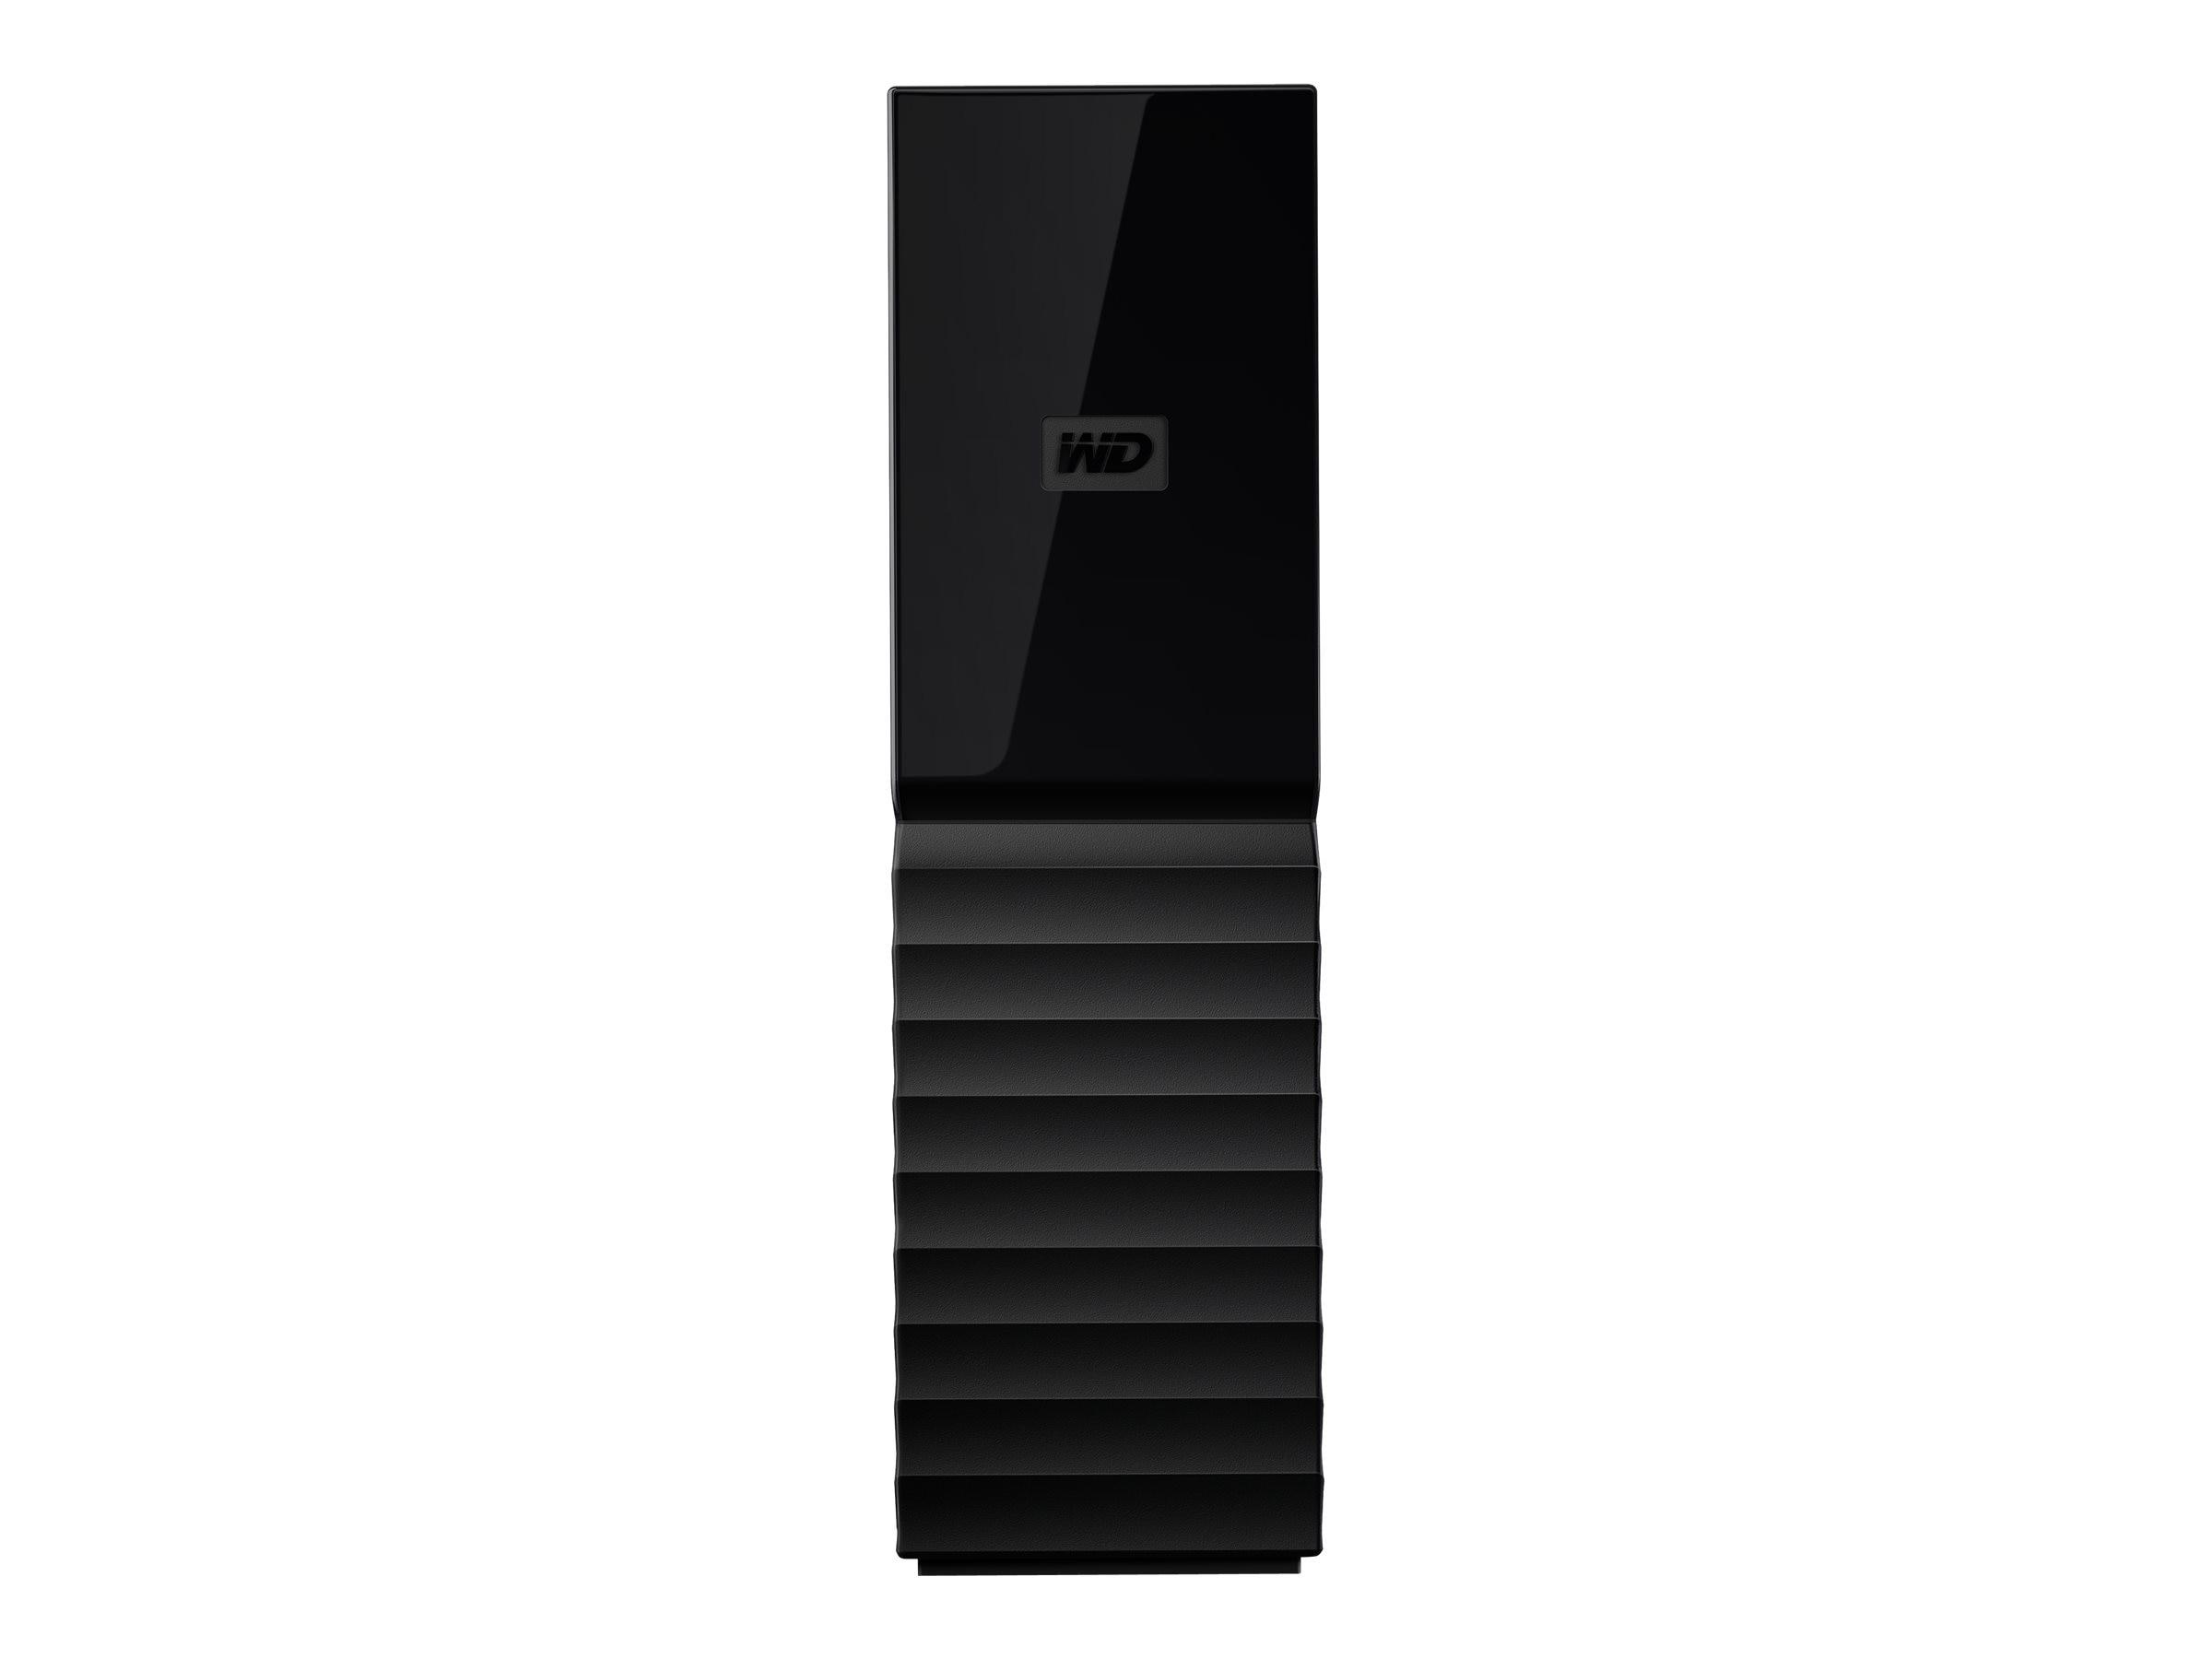 WD WDBBGB0040HBK-NESN Image 3